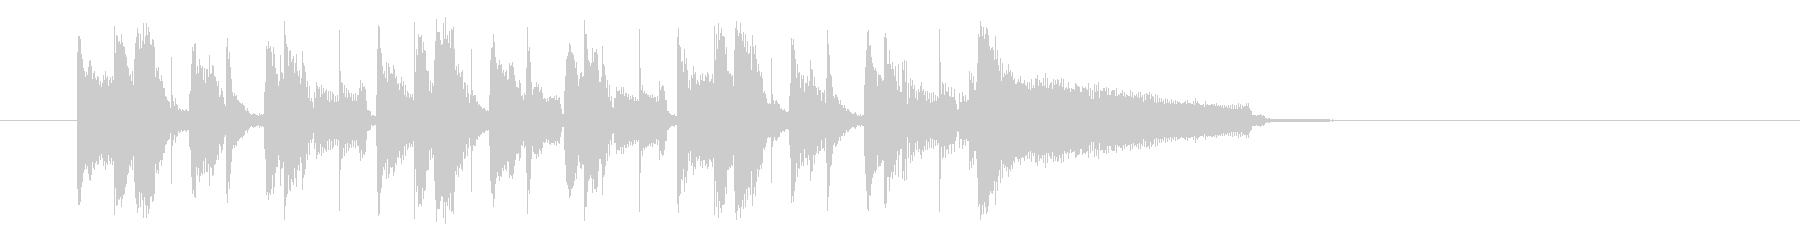 南米のリズムのジングル、サウンドロゴの未再生の波形